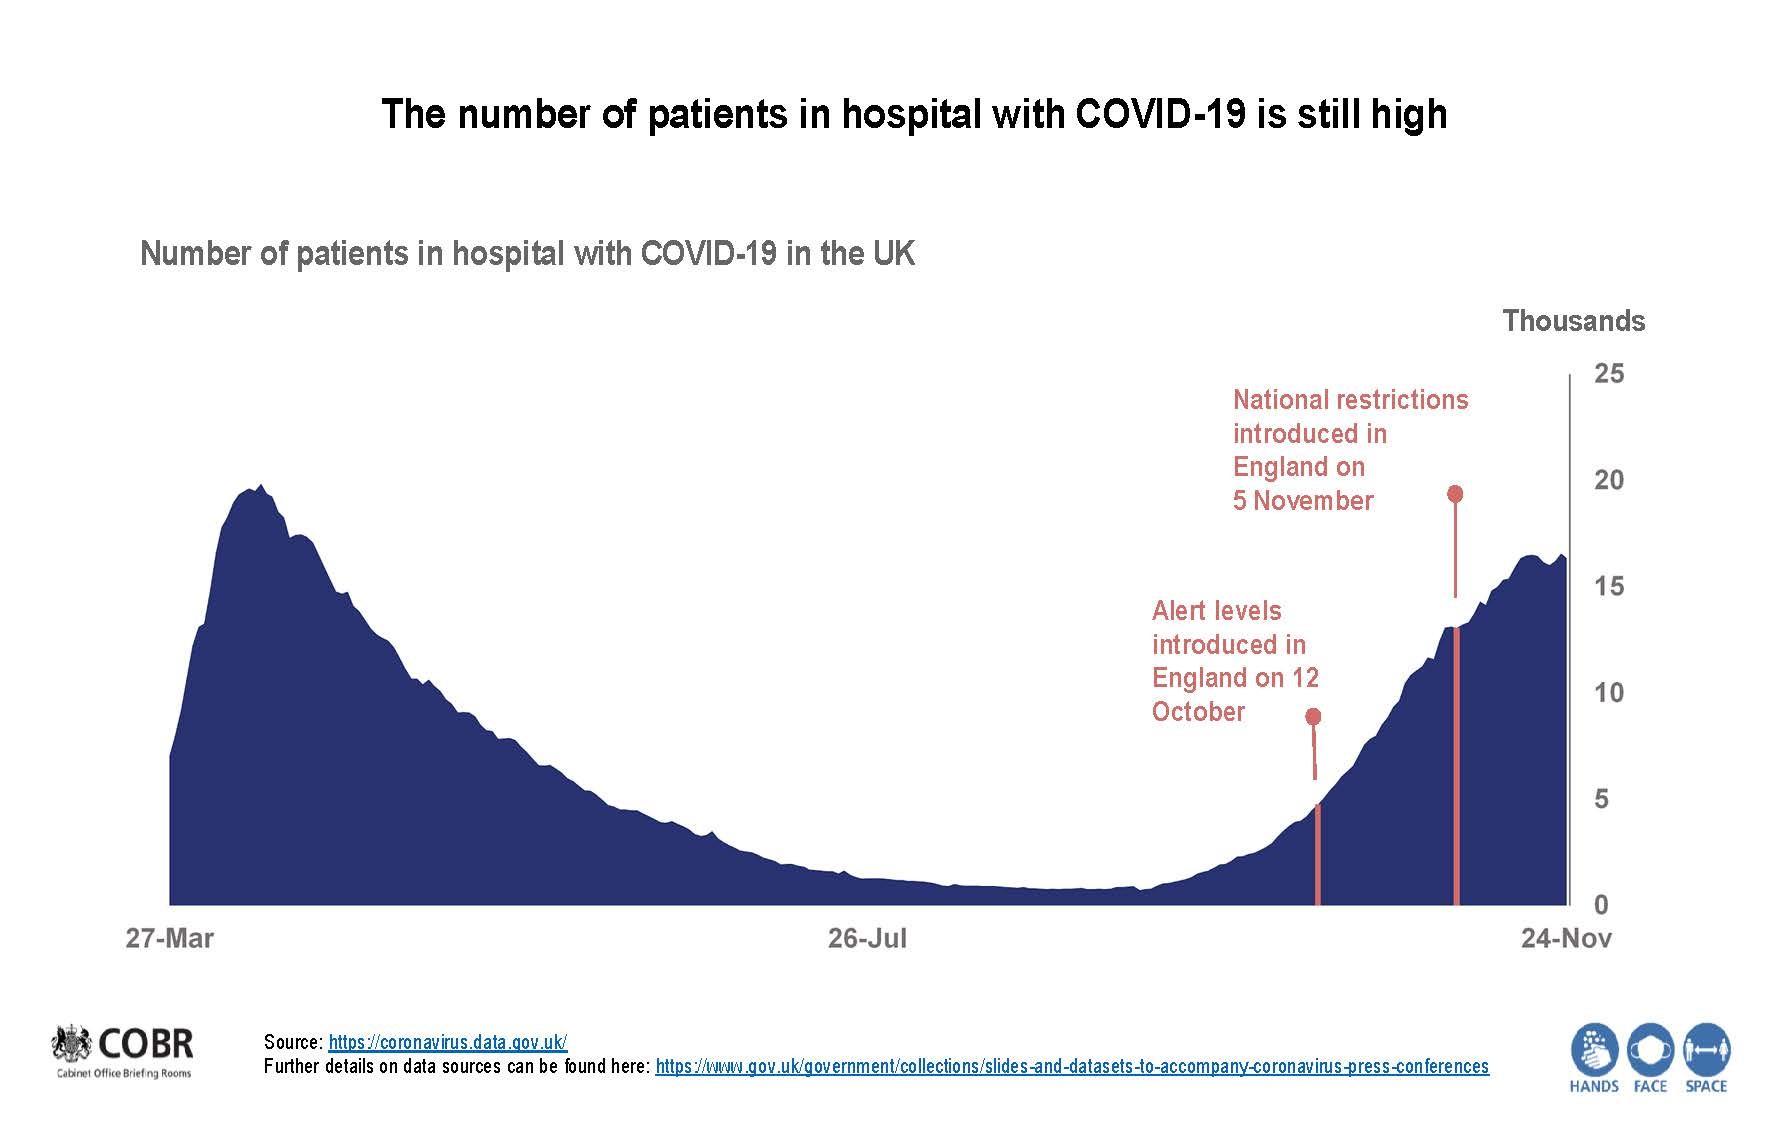 Hospital capacity